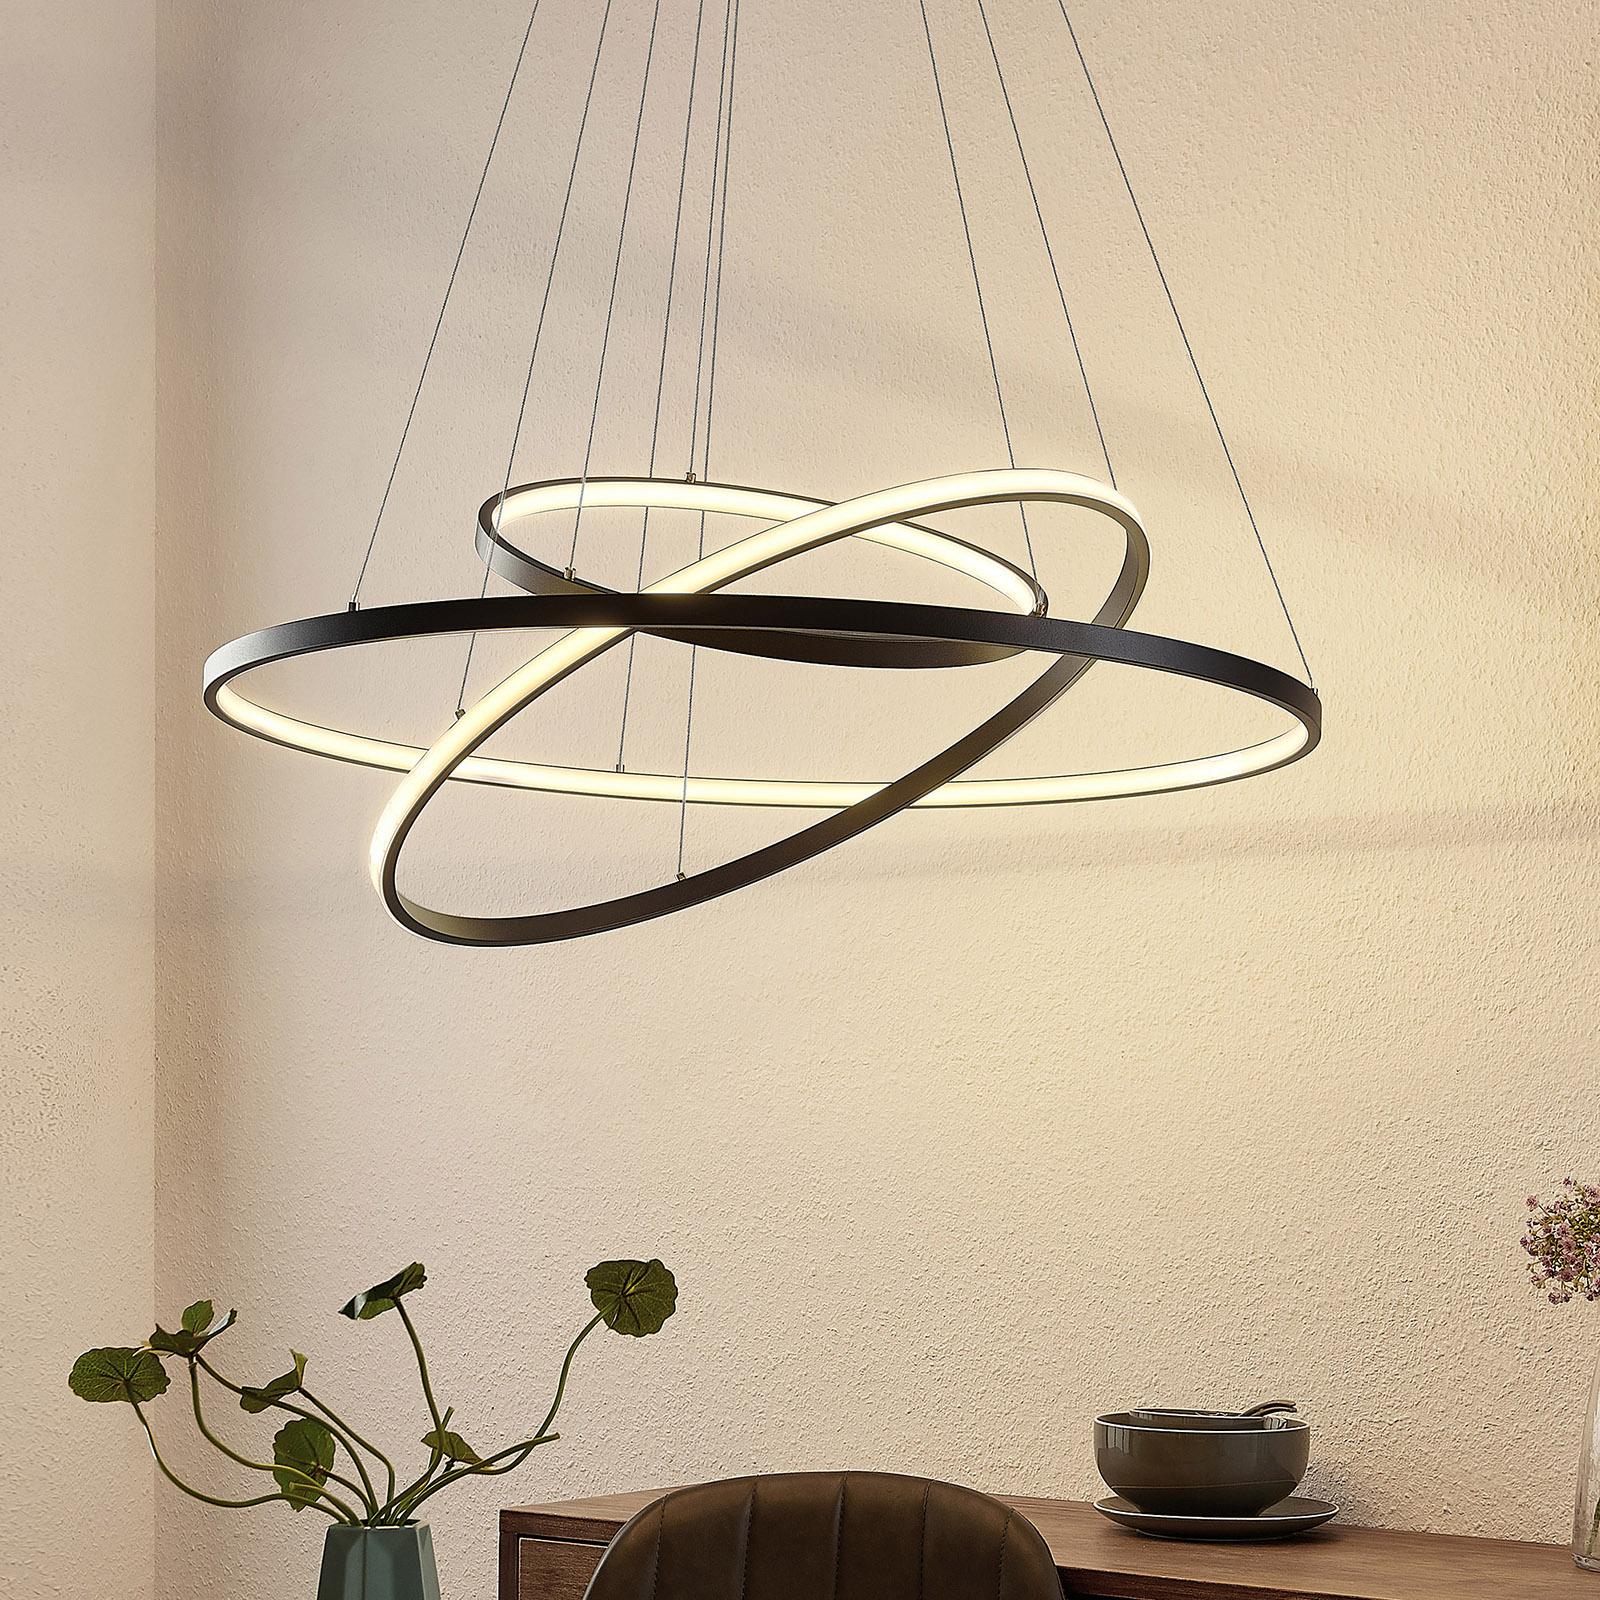 Lucande Filippa LED-Pendelleuchte mit 3 Ringen